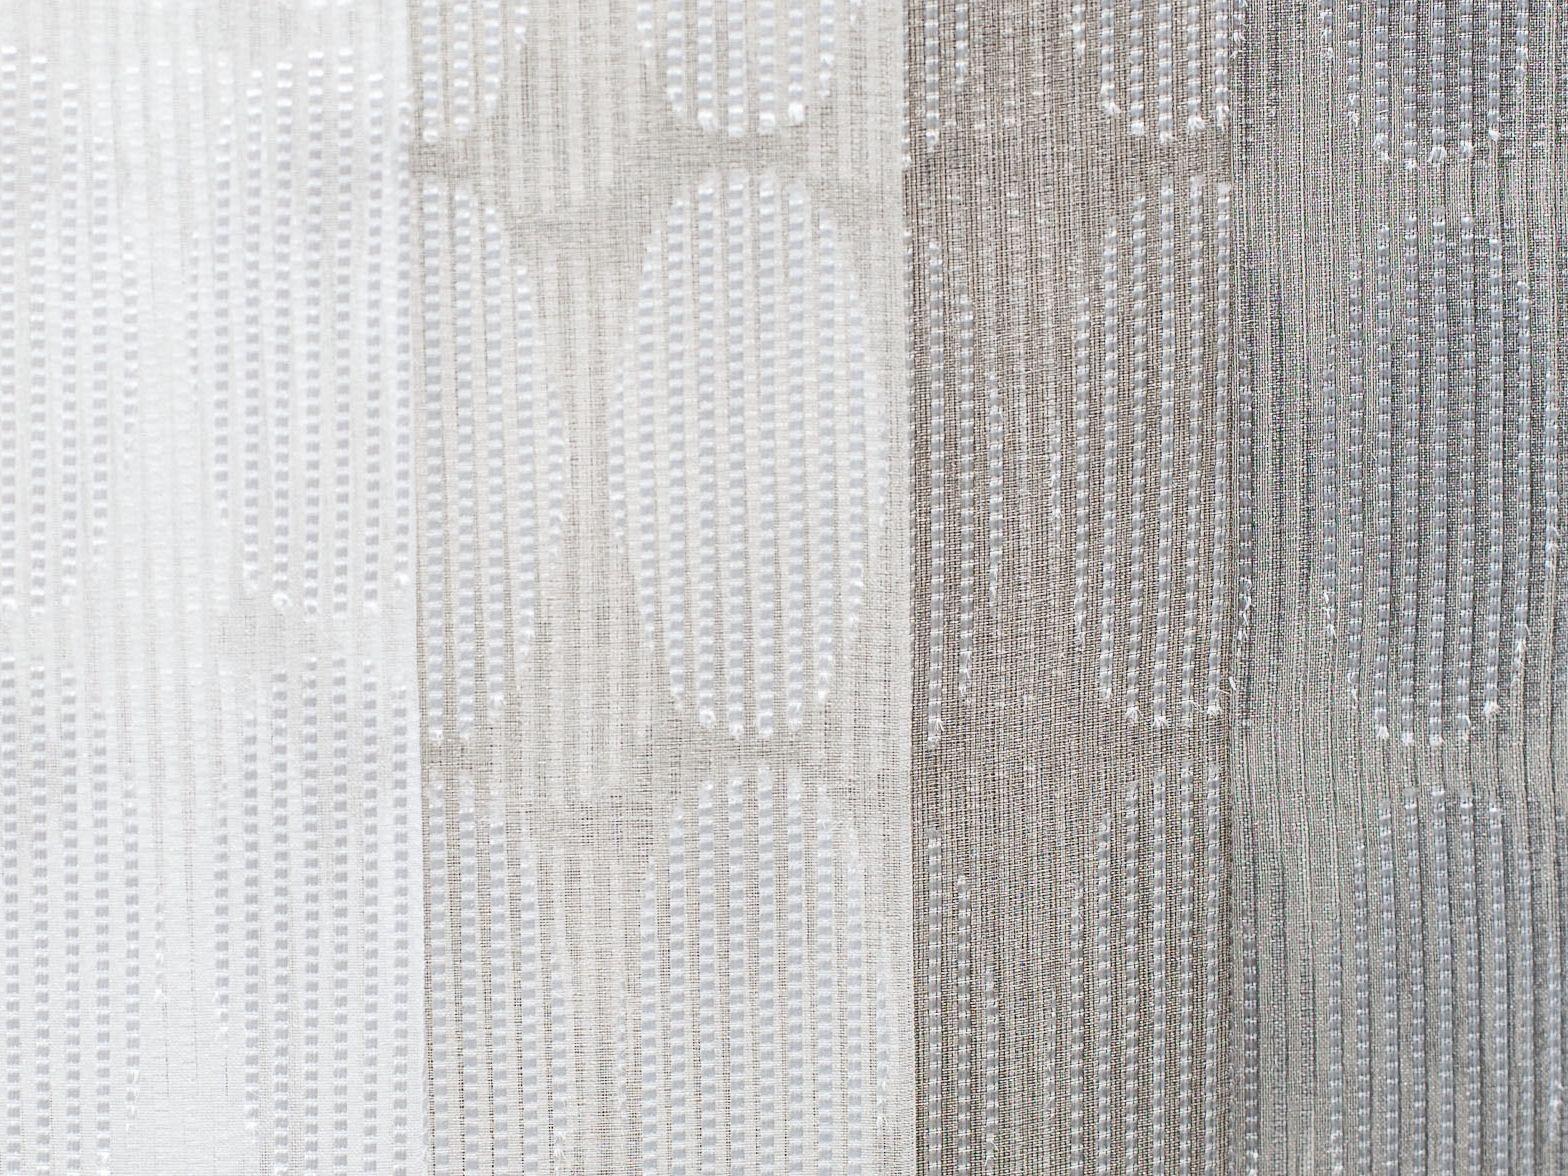 Tejido con motivos gr ficos para cortinas nerea by equipo drt - Tejidos de cortinas ...